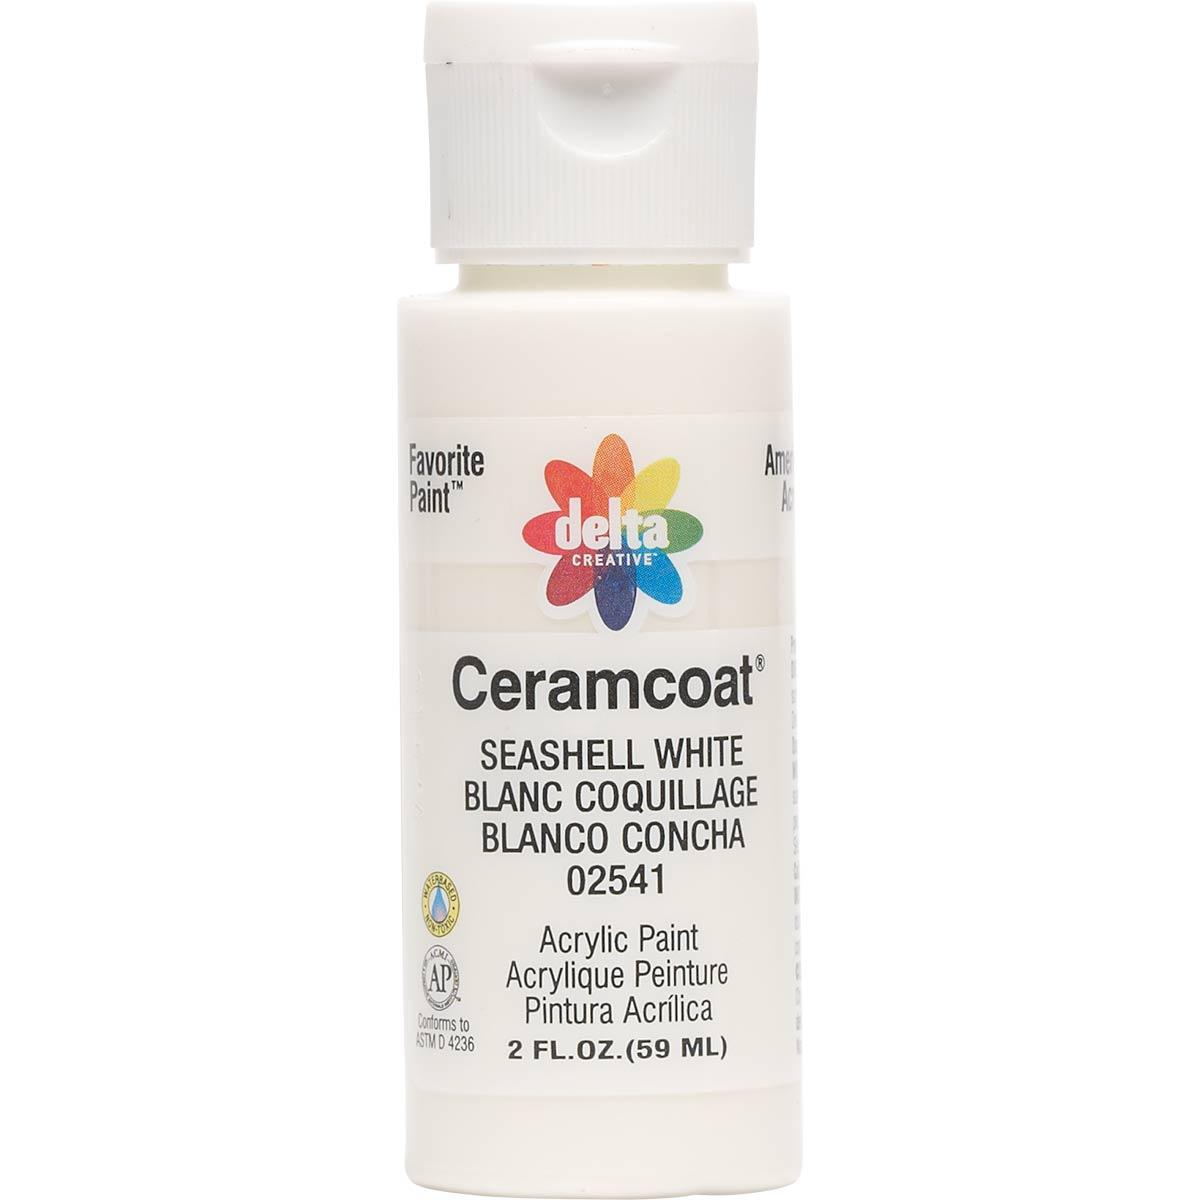 Delta Ceramcoat Acrylic Paint Seashell White 2 Oz